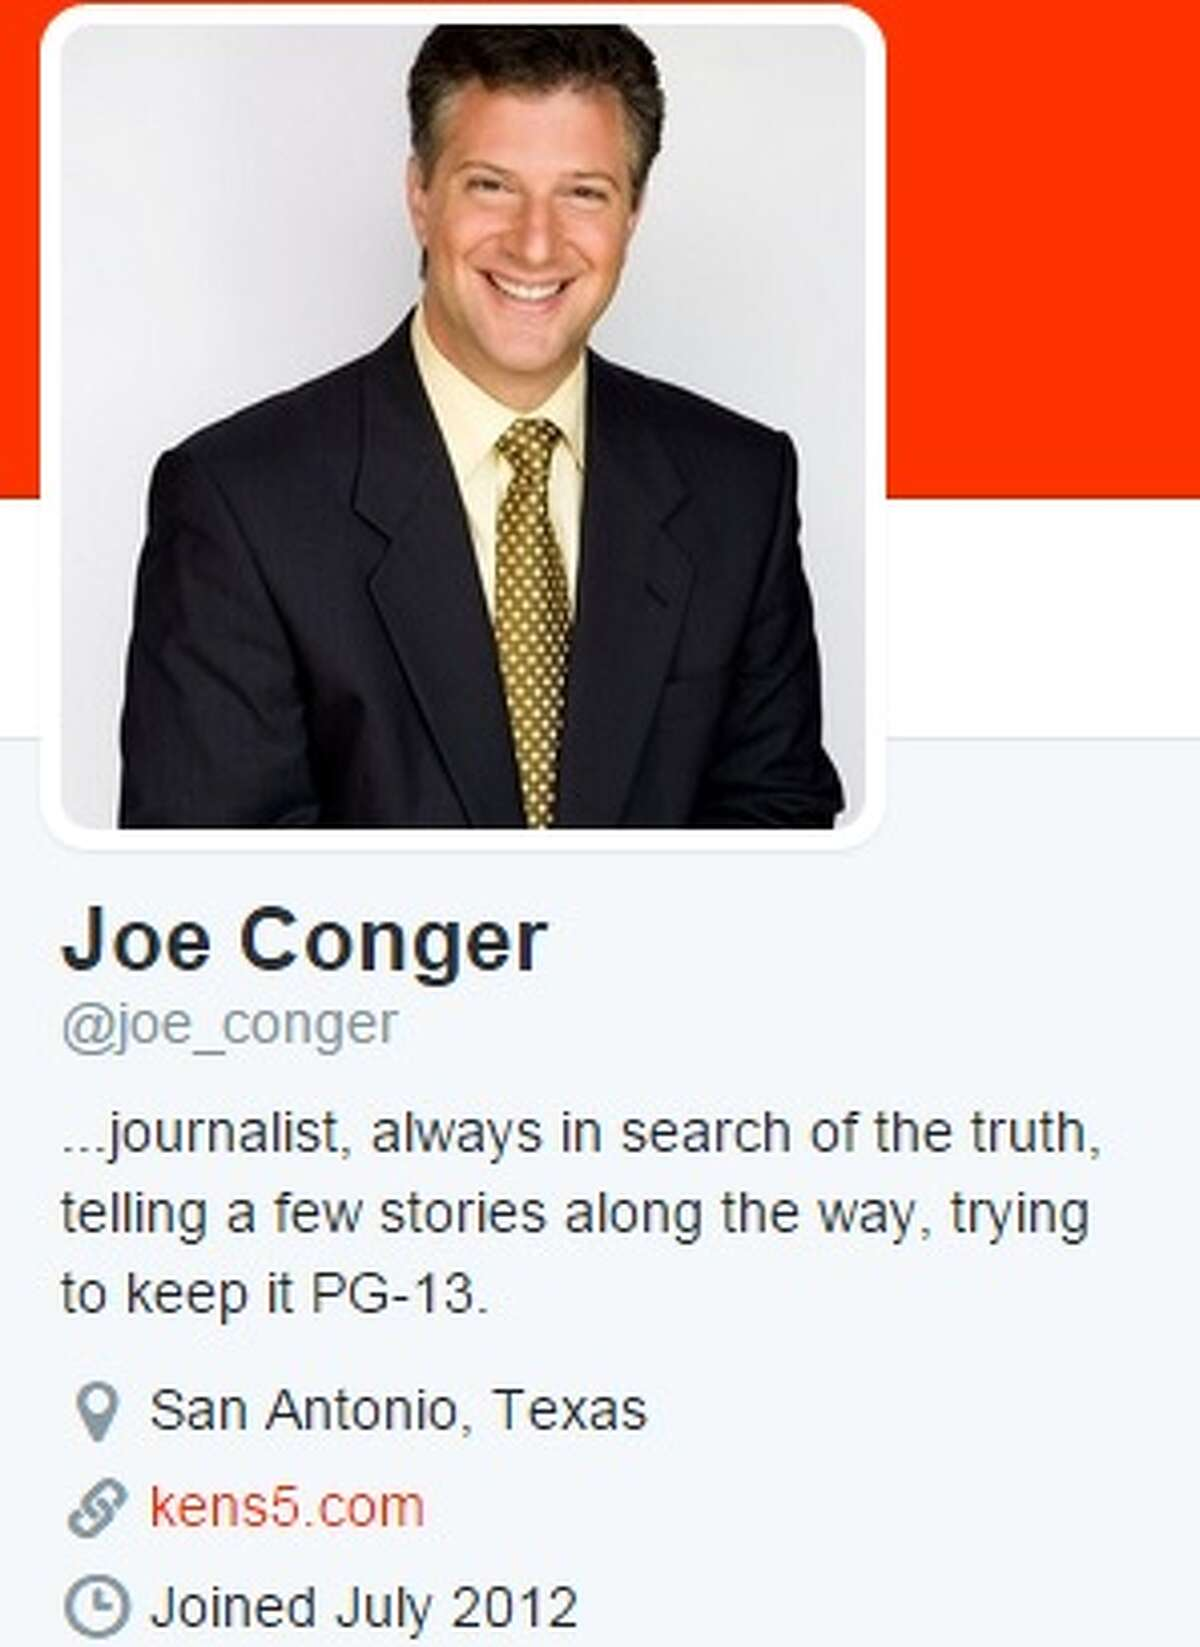 KENS reporter Joe Conger's Twitter account.